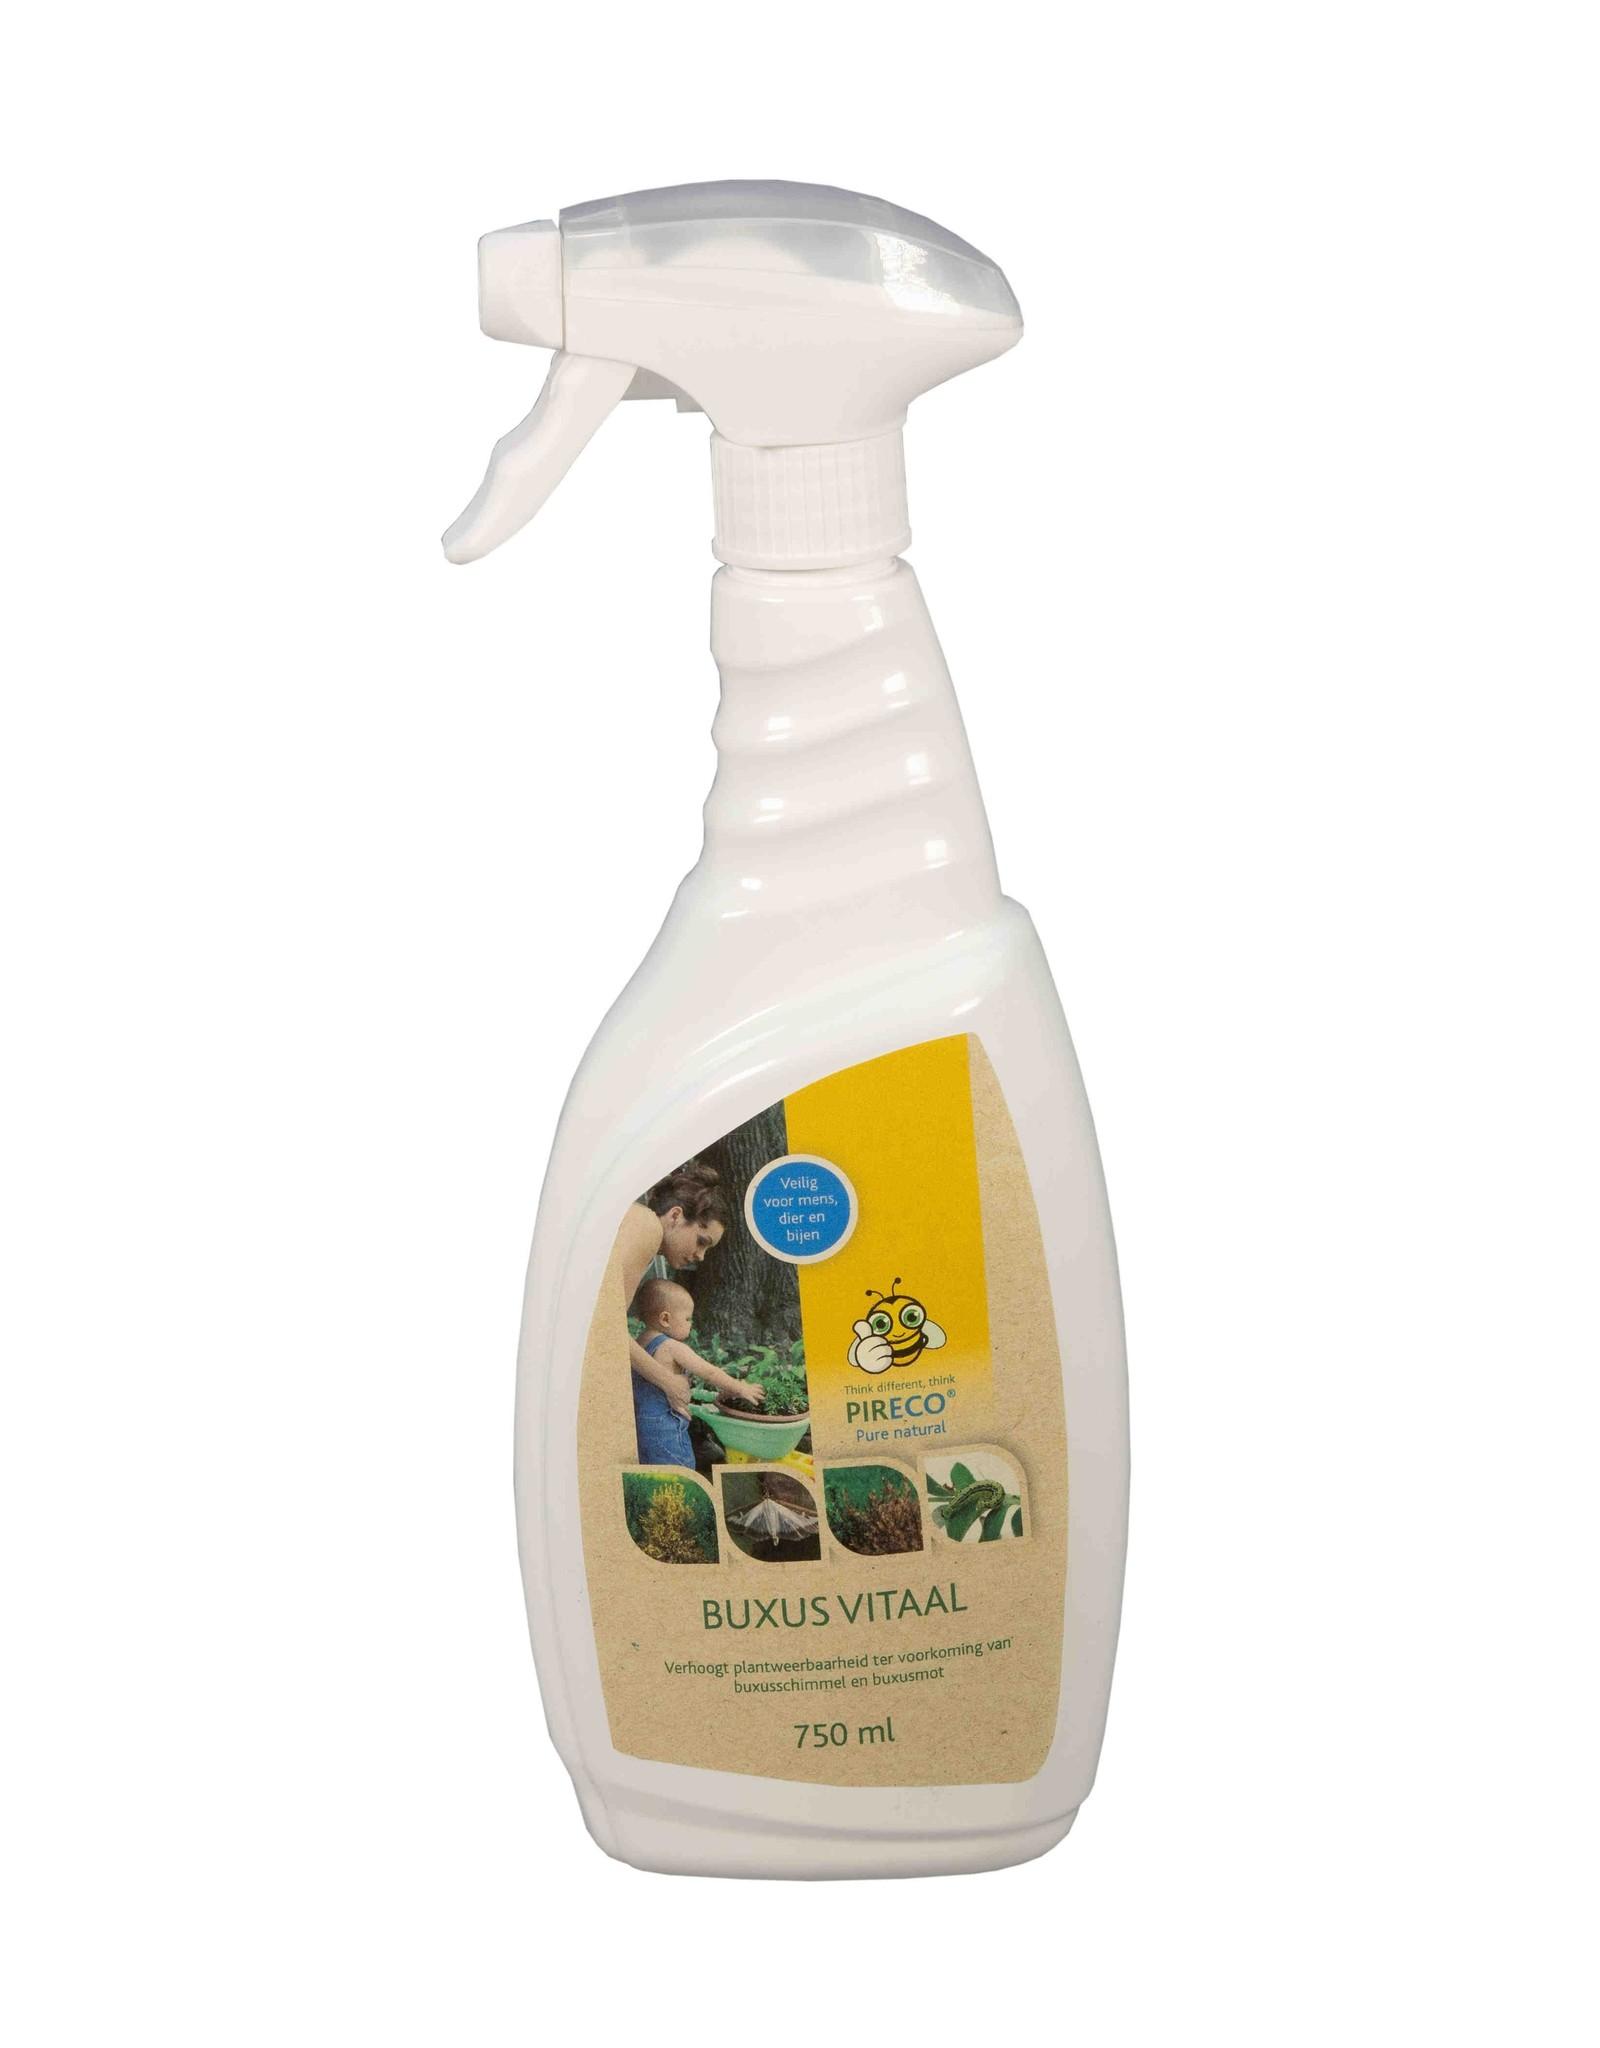 Pireco Buxusvitaal 750 ml (gebruiksklaar)